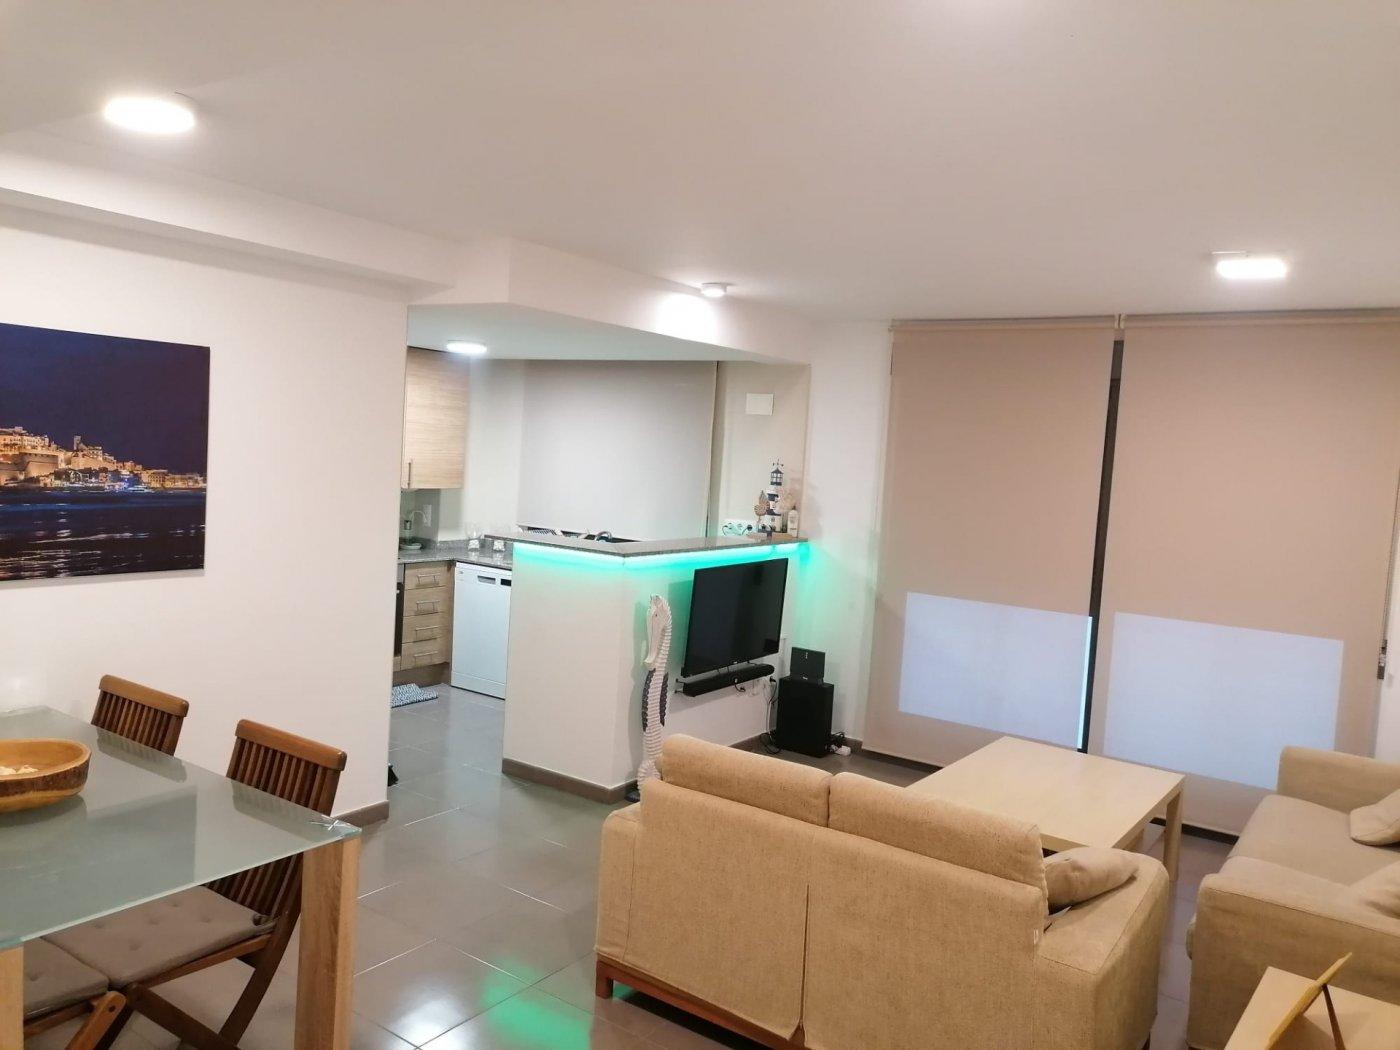 Fantástico apartamento en peñíscola 1 hab - imagenInmueble5